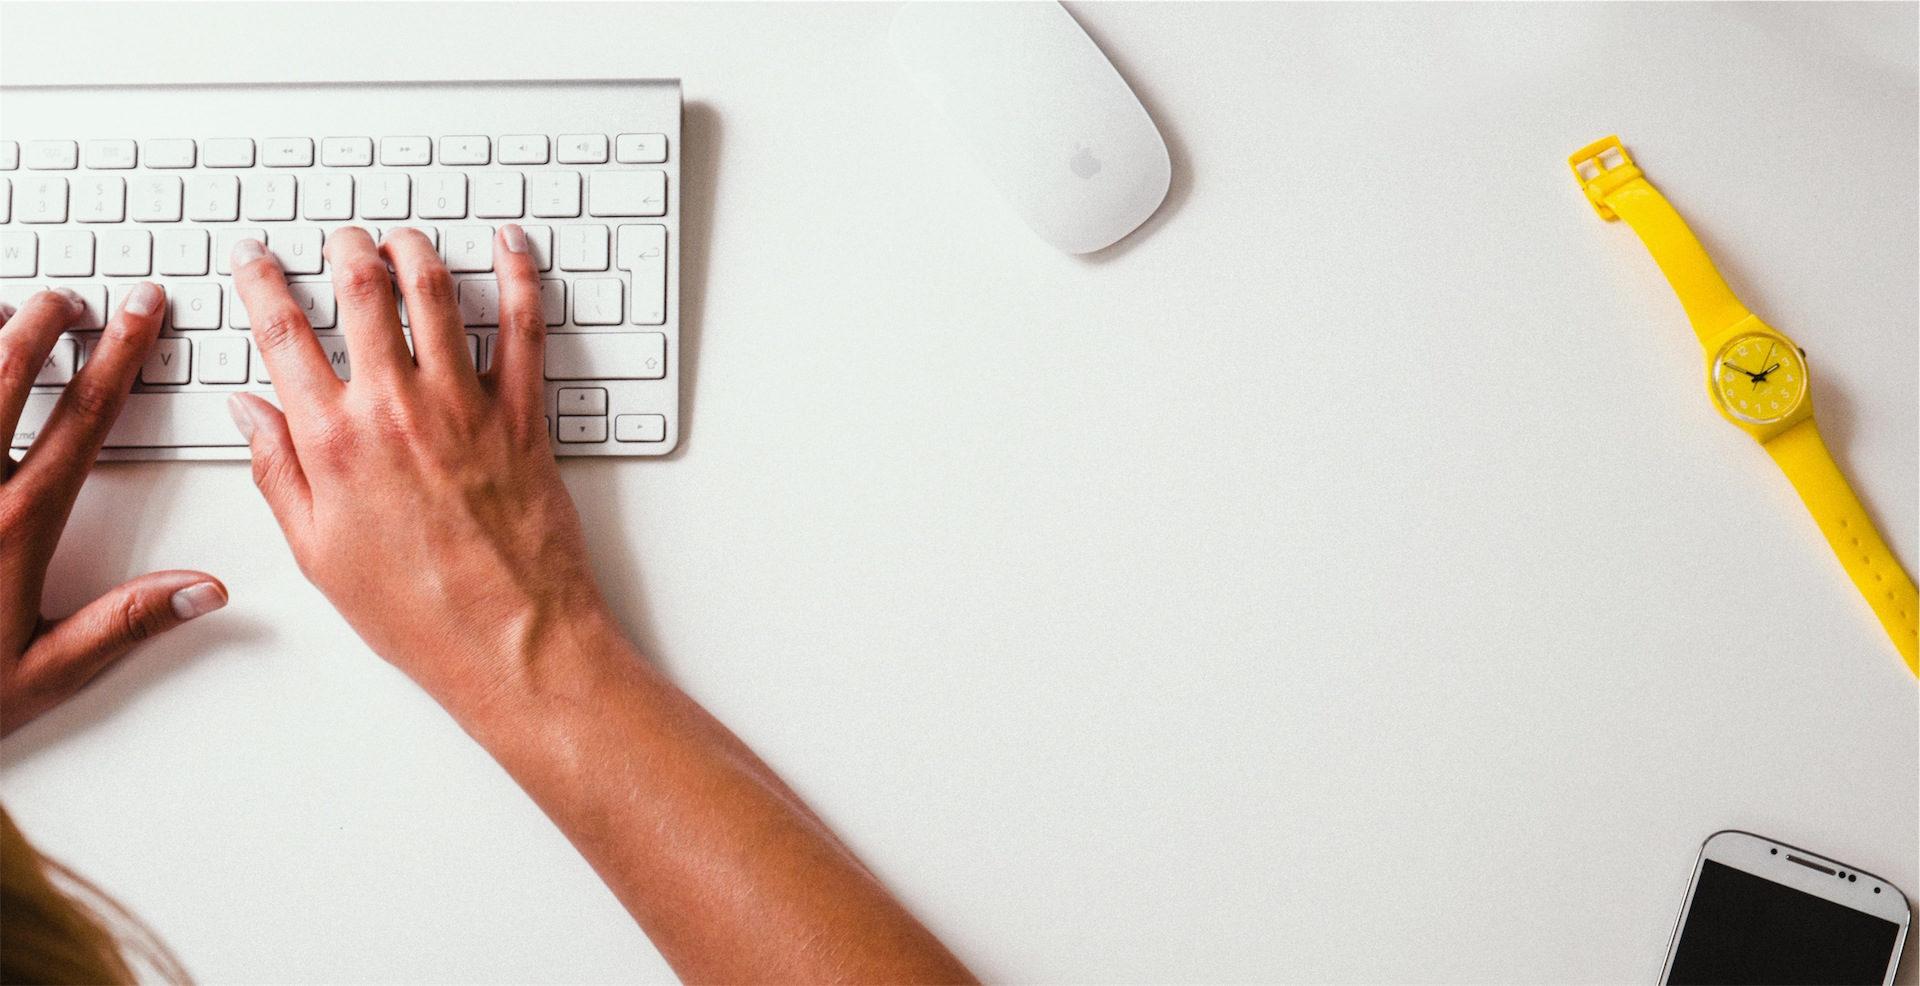 Escritório, trabalho, mãos, computador, Relógio - Papéis de parede HD - Professor-falken.com